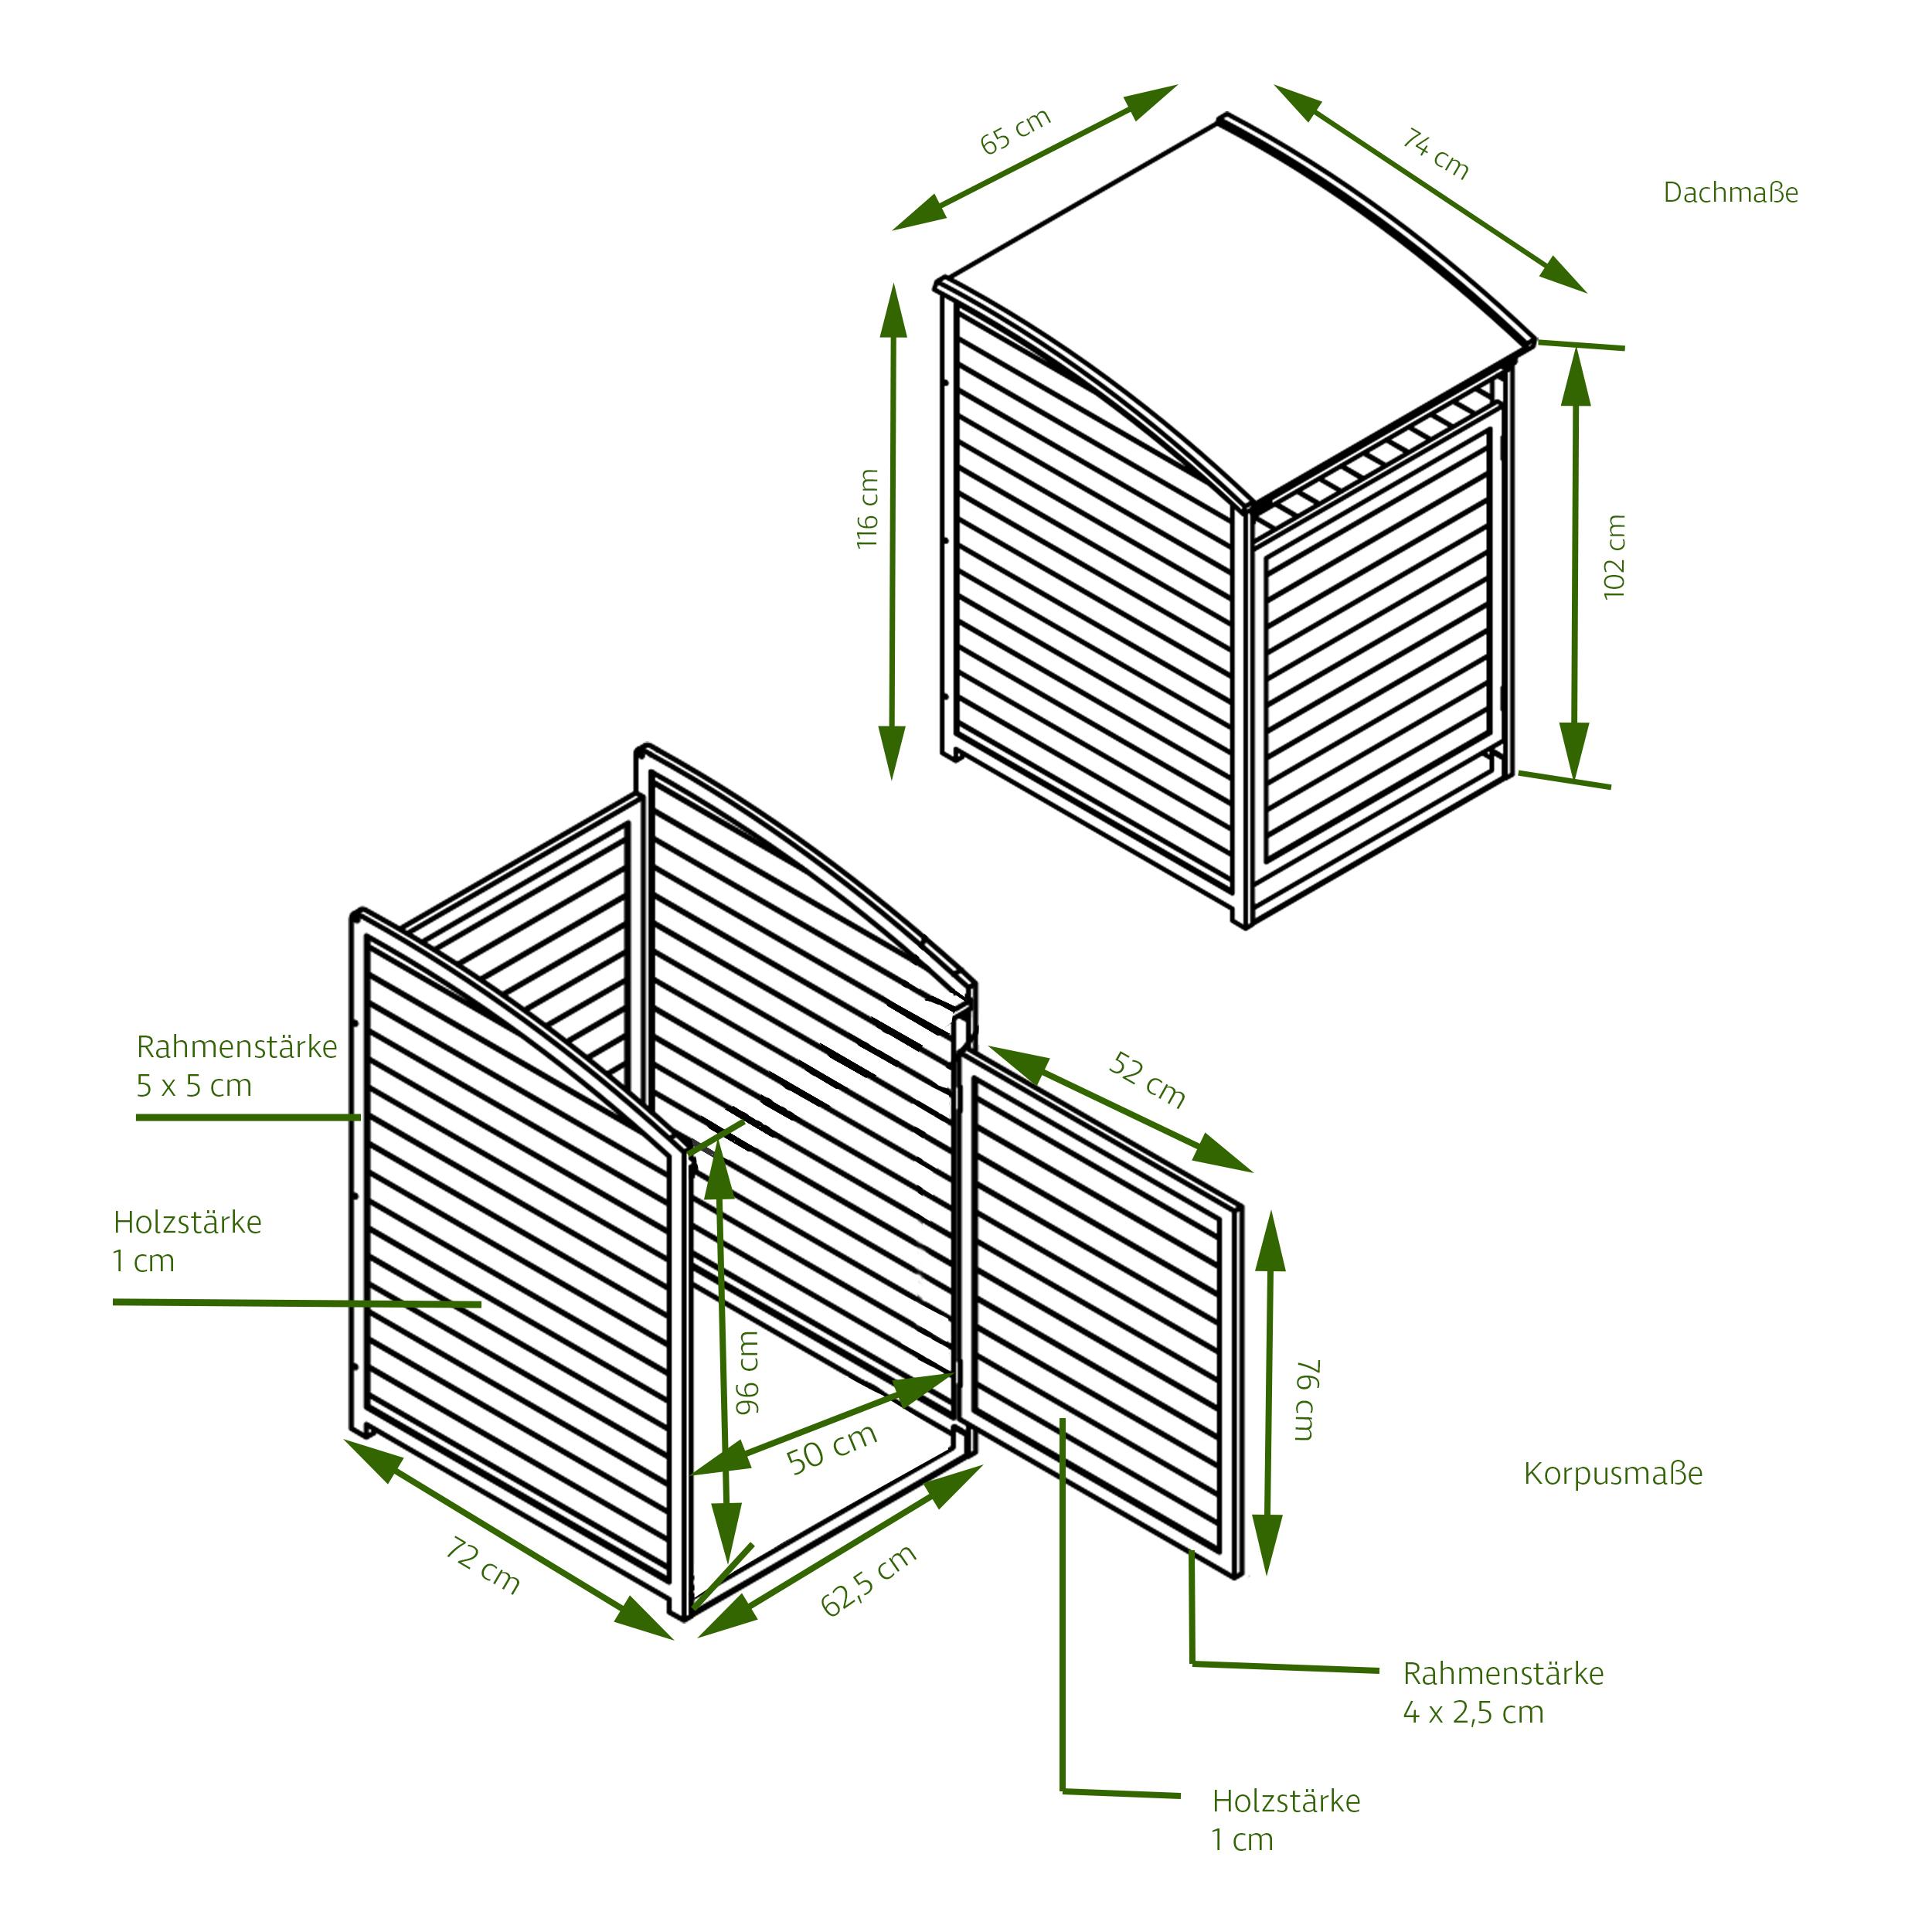 HABAU Mülltonnenbox PLUS 120 Liter, natur - Skizze mit Maßen - 3152